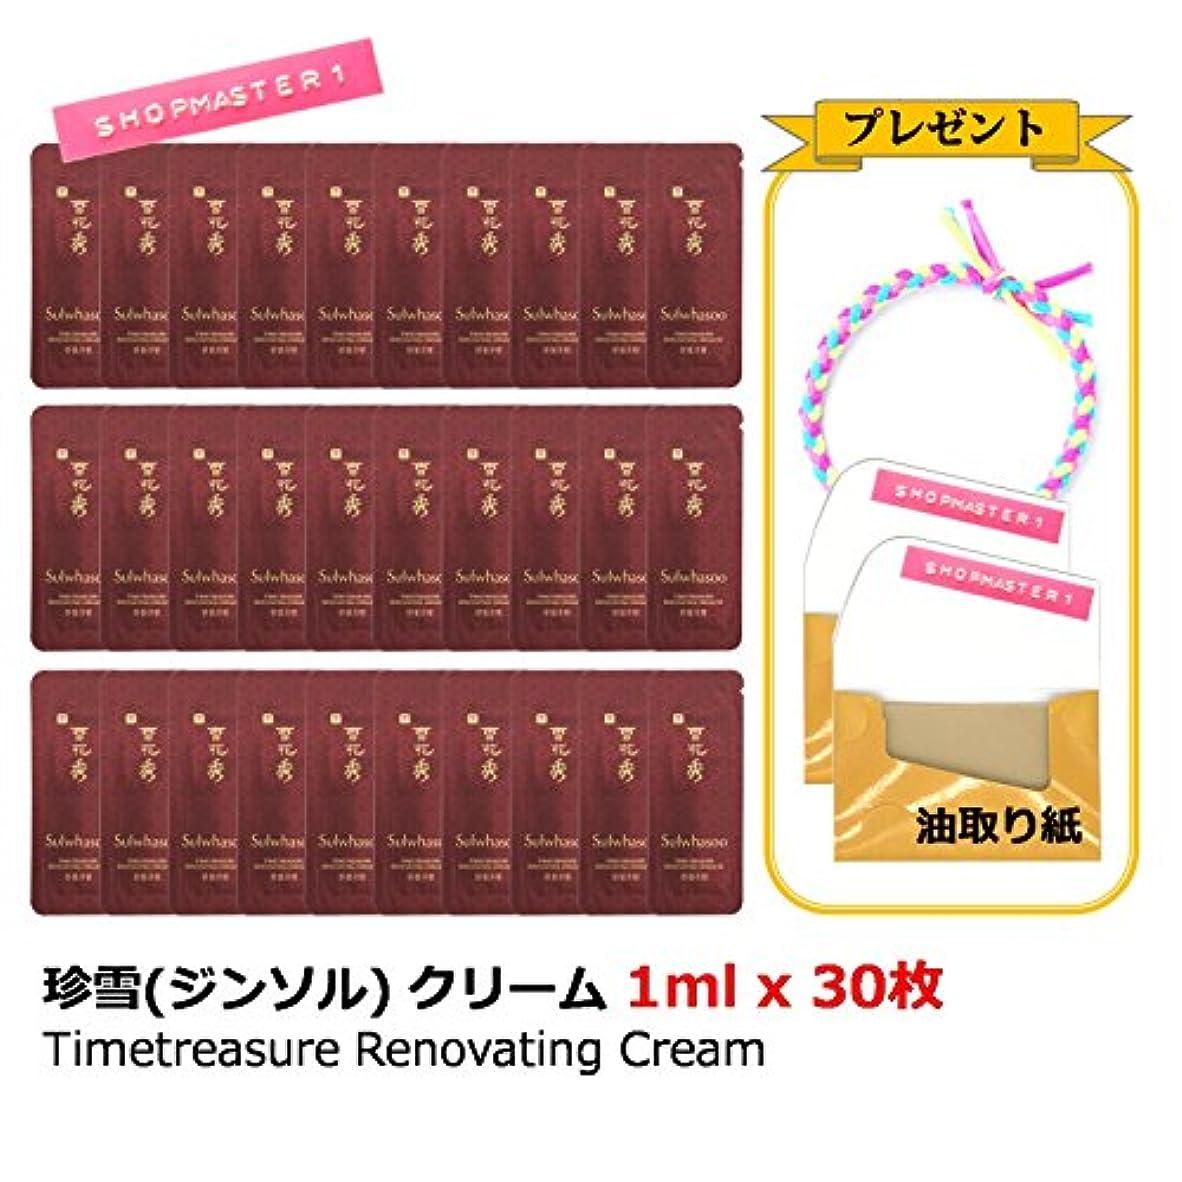 腹前進腸【Sulwhasoo ソルファス】珍雪(ジンソル) クリーム 1ml x 30枚 Timetreasure Renovating Cream/プレゼント 油取り紙 2個(30枚ずつ)、ヘアタイ/海外直配送